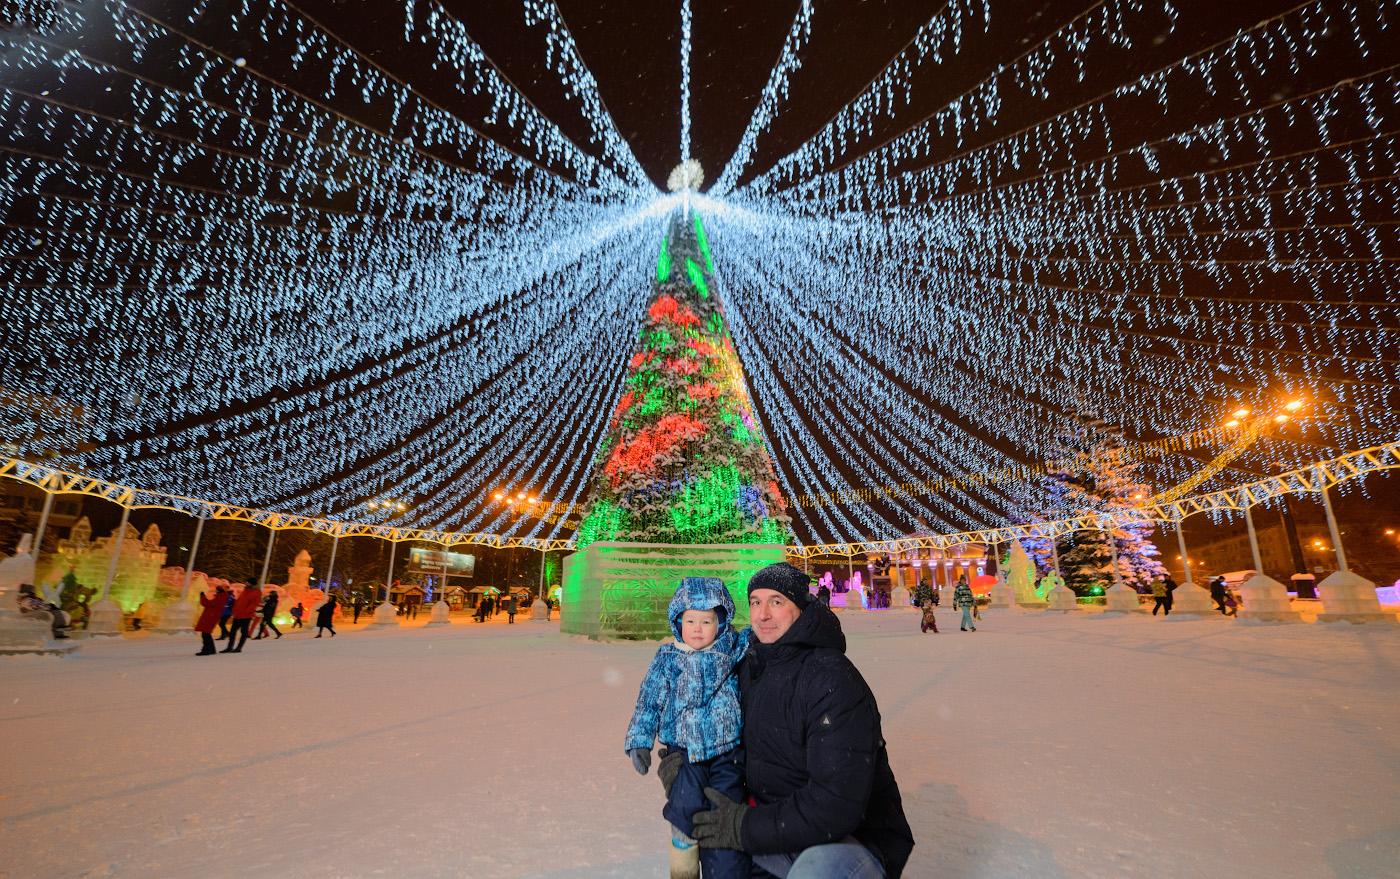 2. Самостоятельная фотосессия у новогодней ёлки в Нижнем Тагиле. Снято на Nikon D610 + Samyang 14mm f/2.8. Освещение – от вспышки Yongnuo YN-685N с белым зонтом на просвет, управляемой трансмиттером YN-622N-TX. 1/60, 2.8, 640, +0.33, 14.